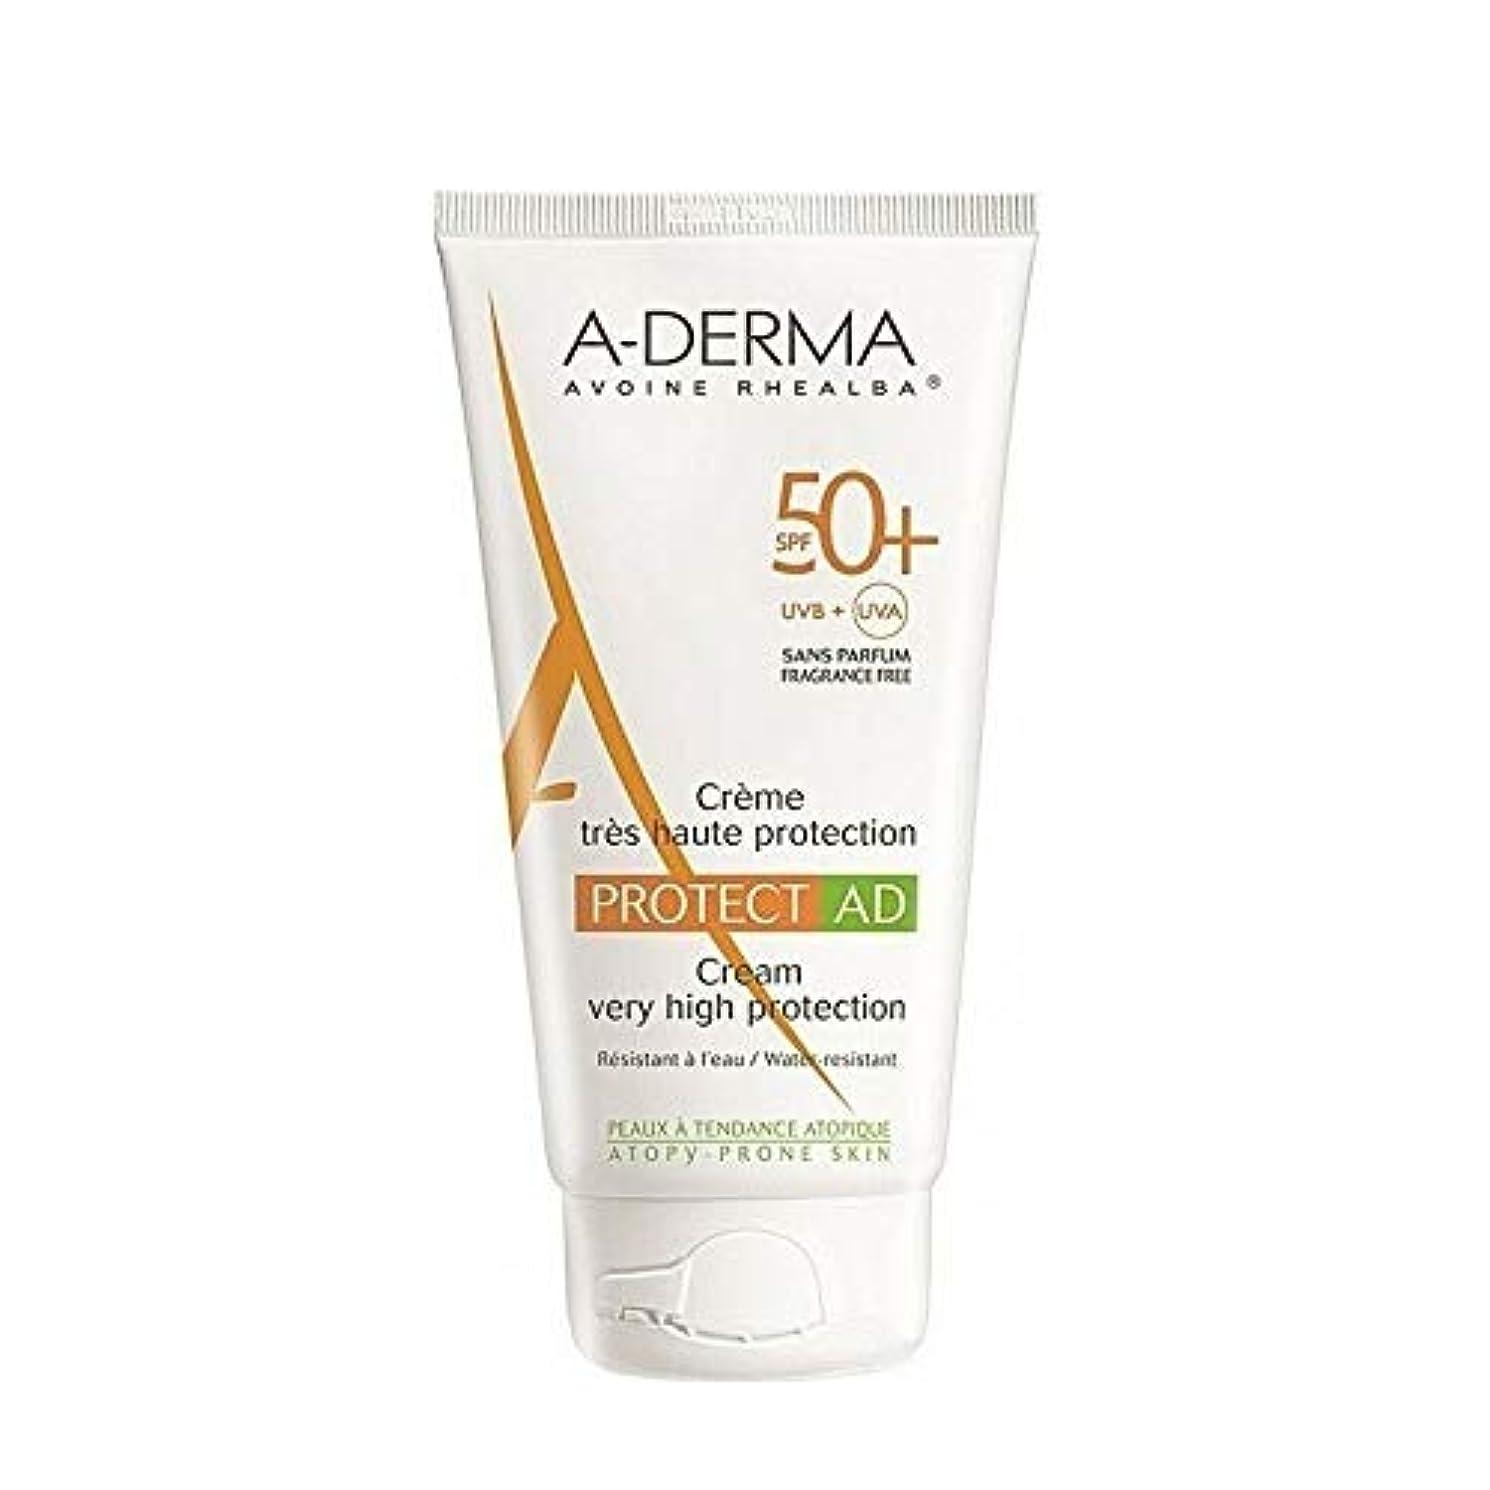 ホーン旅行代理店それにもかかわらずA-DERMA Protect AD sun cream サンクリーム (150ml) SPF50+/PA+++ フランス日焼け止め